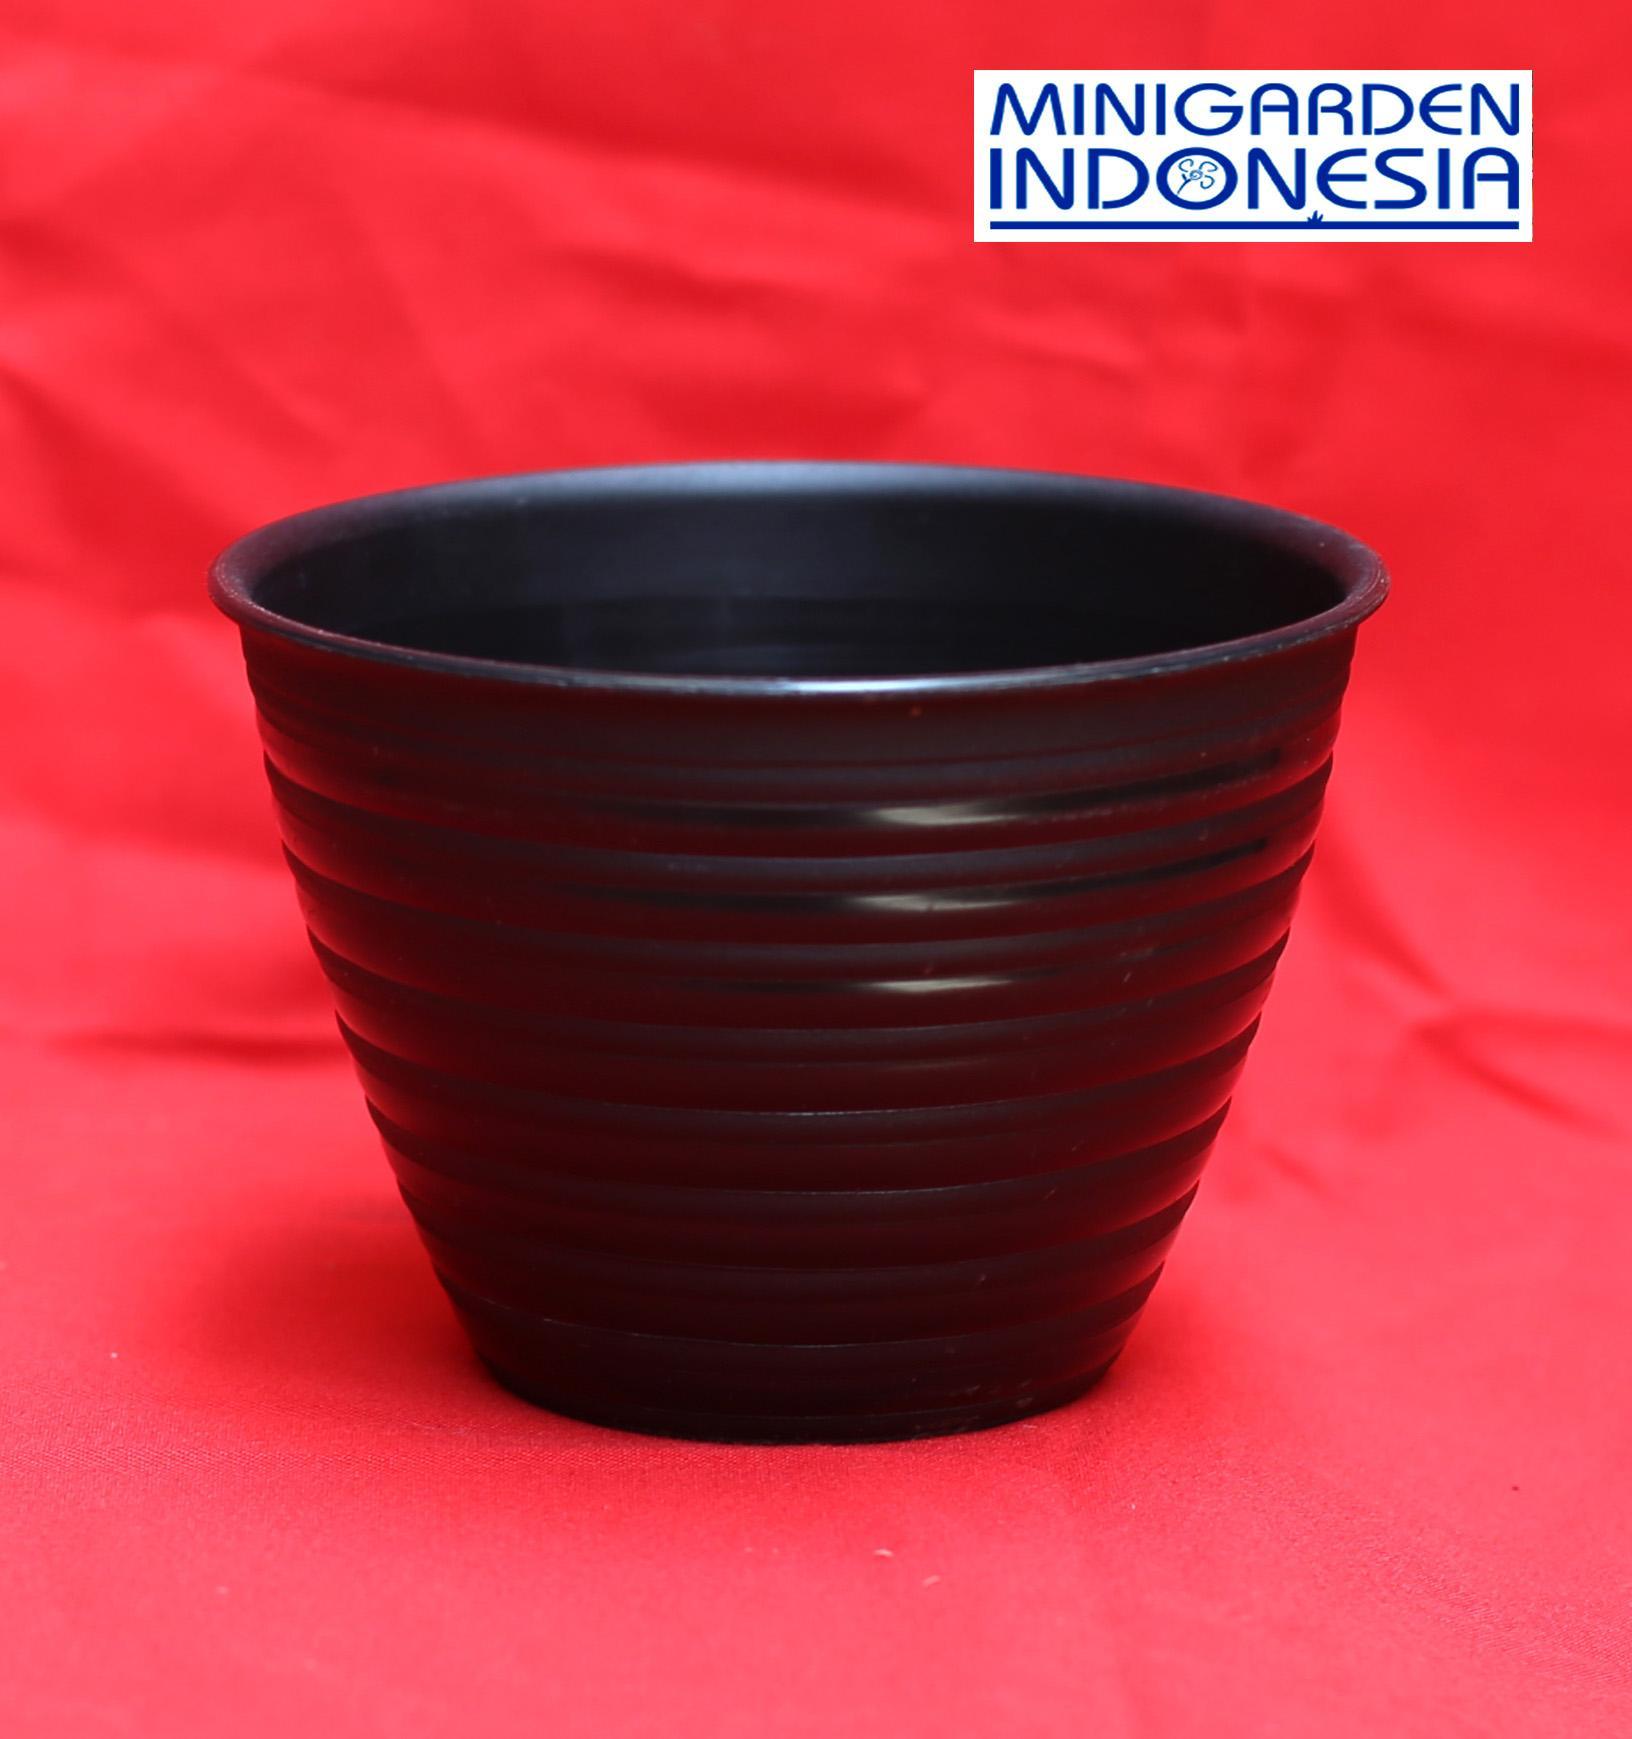 Pot Bunga Tawon Diameter 15 cm Warna Pot tanaman Bunga Plastik semai benih